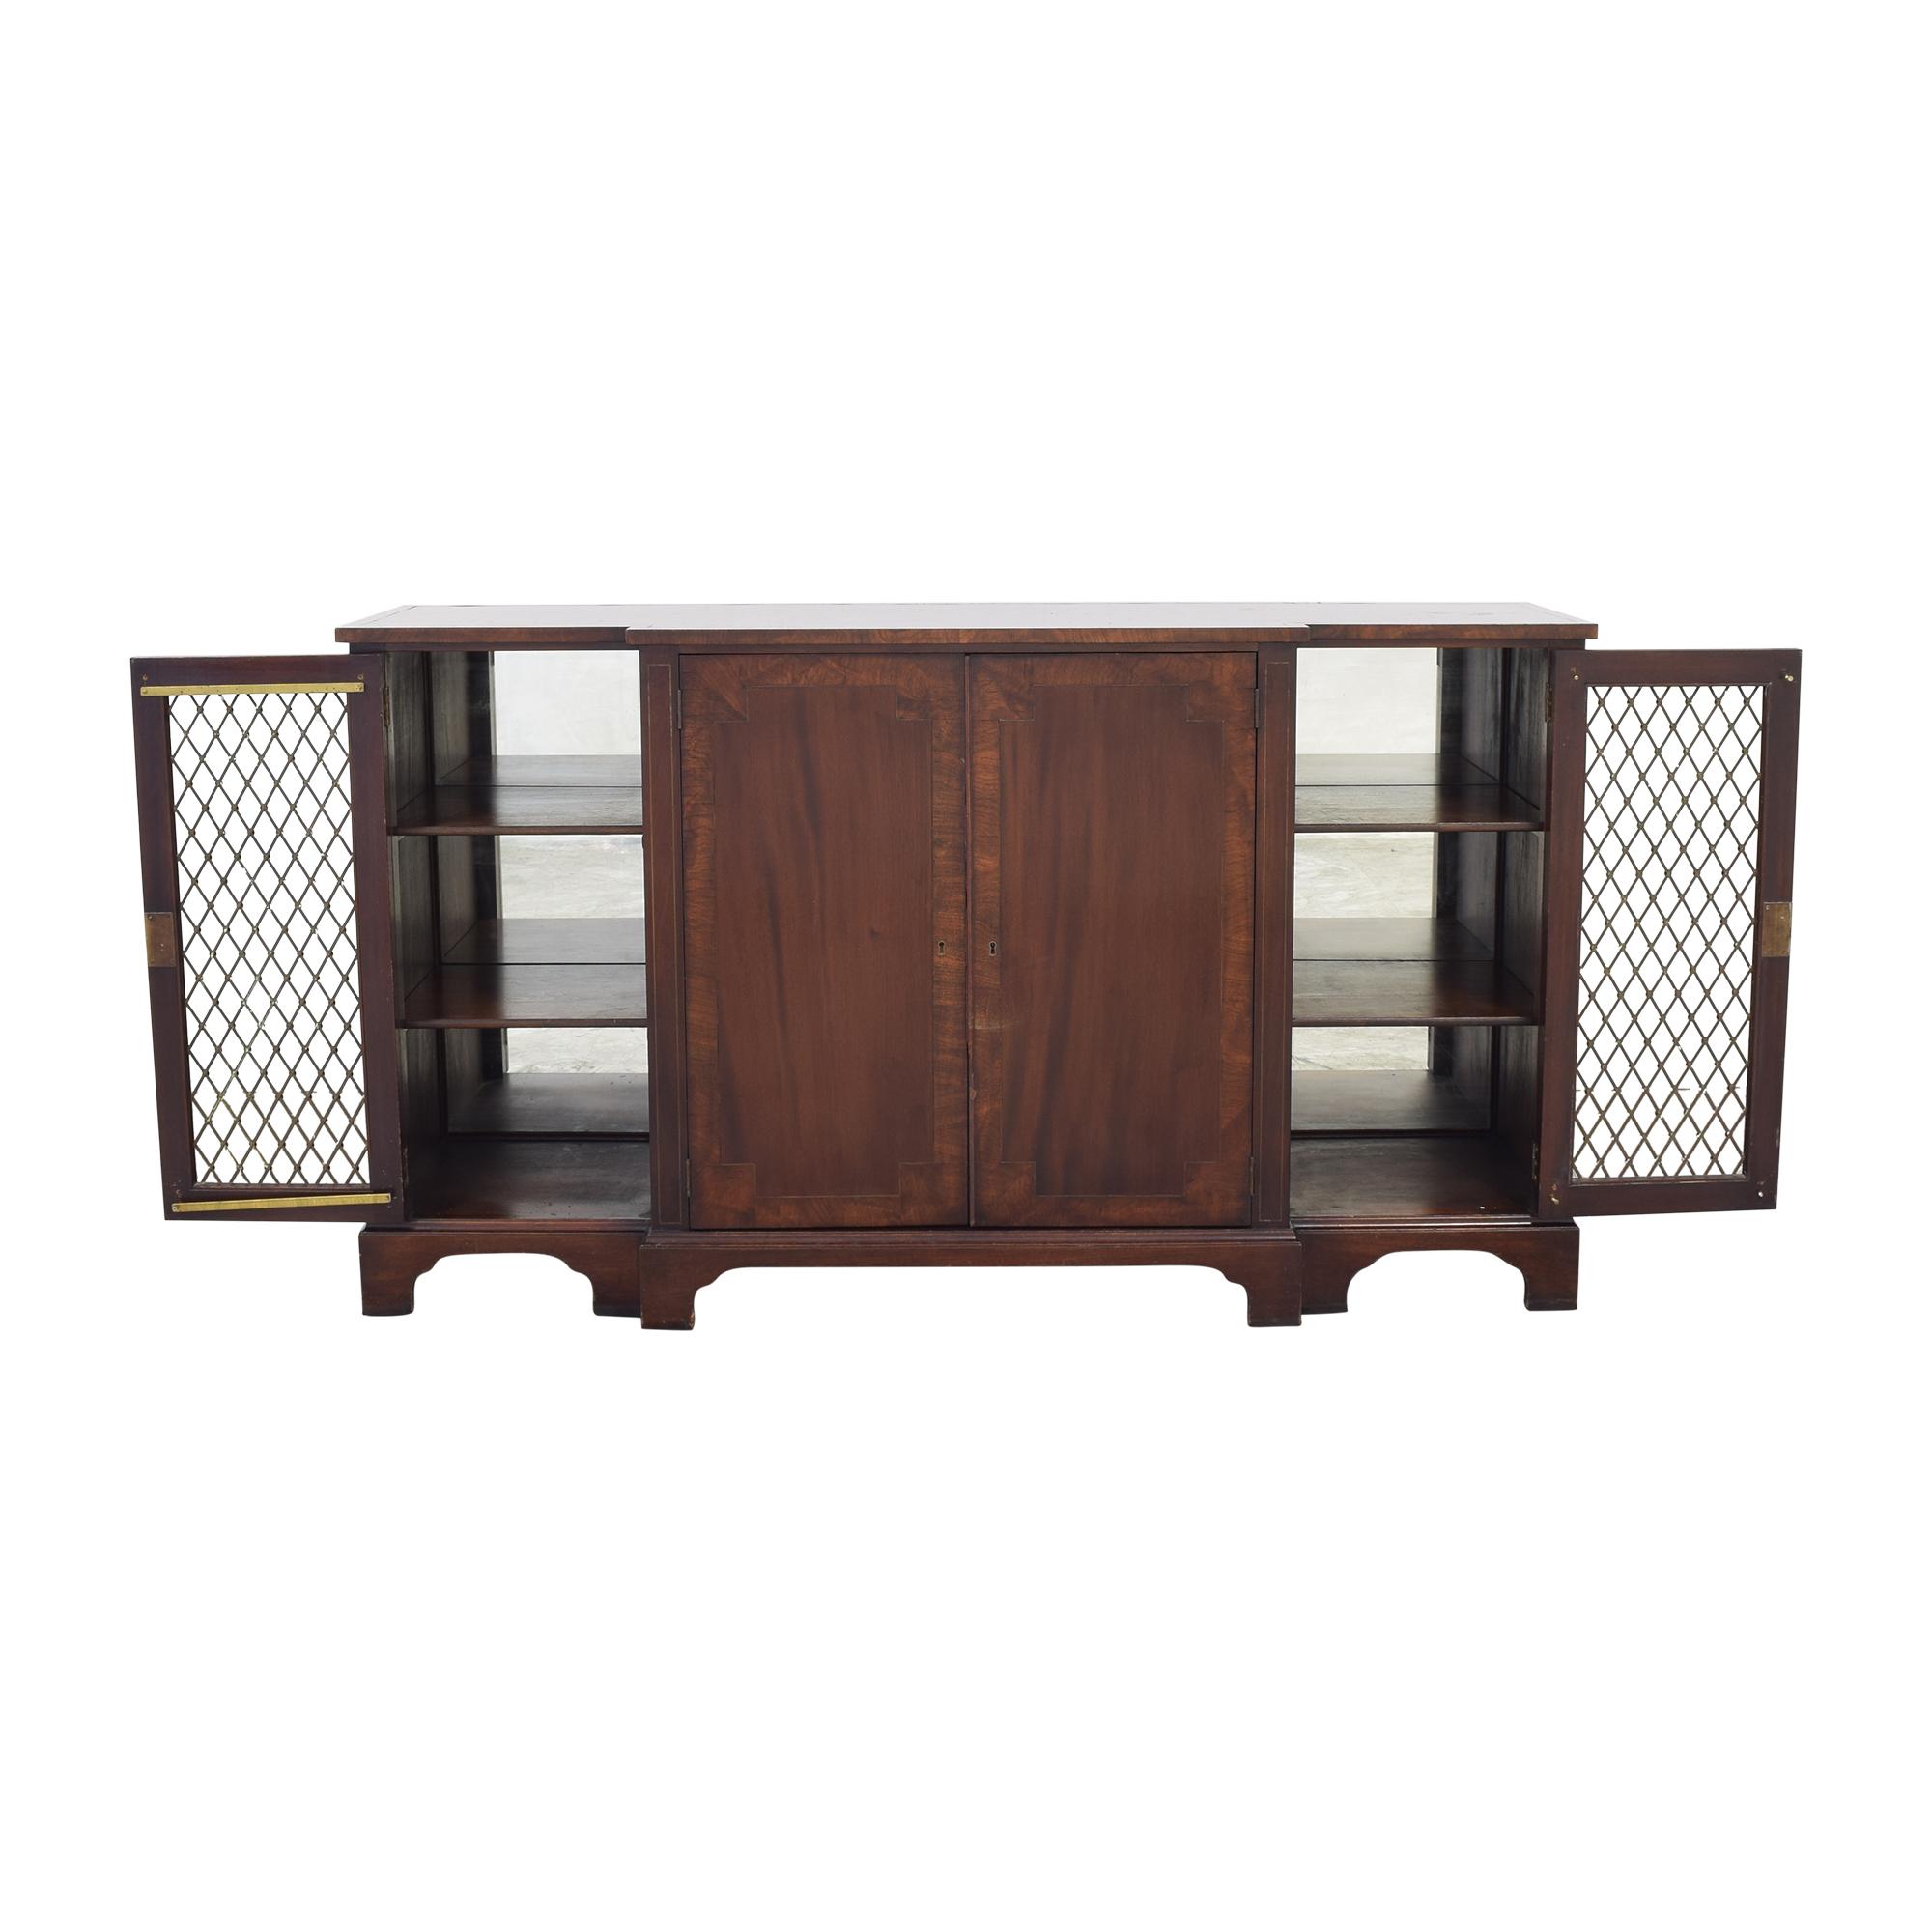 Vintage Sideboard with Lock and Key dark brown